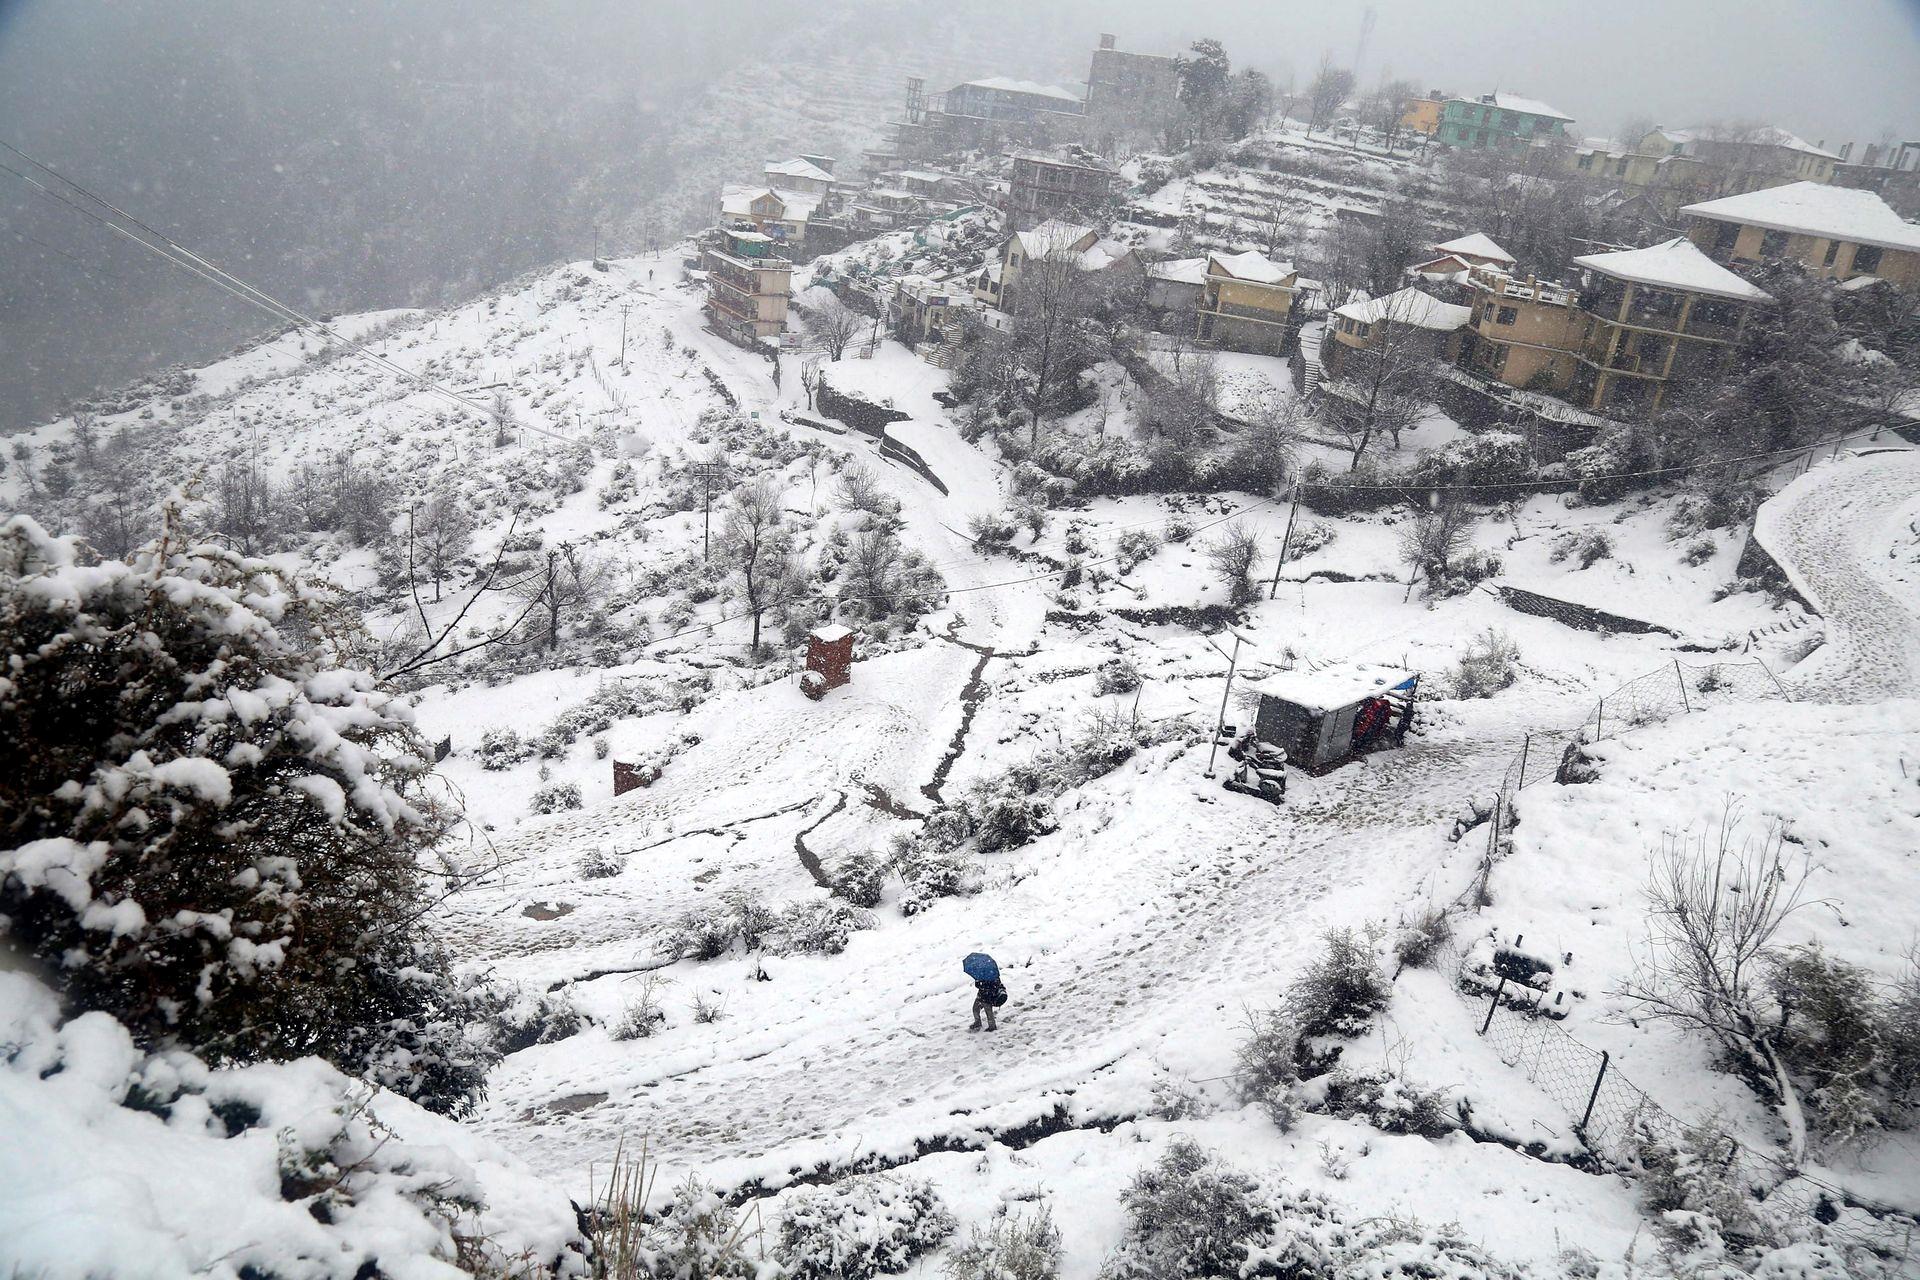 Mùa đông khắc nghiệt với tuyết rơi dày ở nhiều nơi trên thế giới Ảnh 11